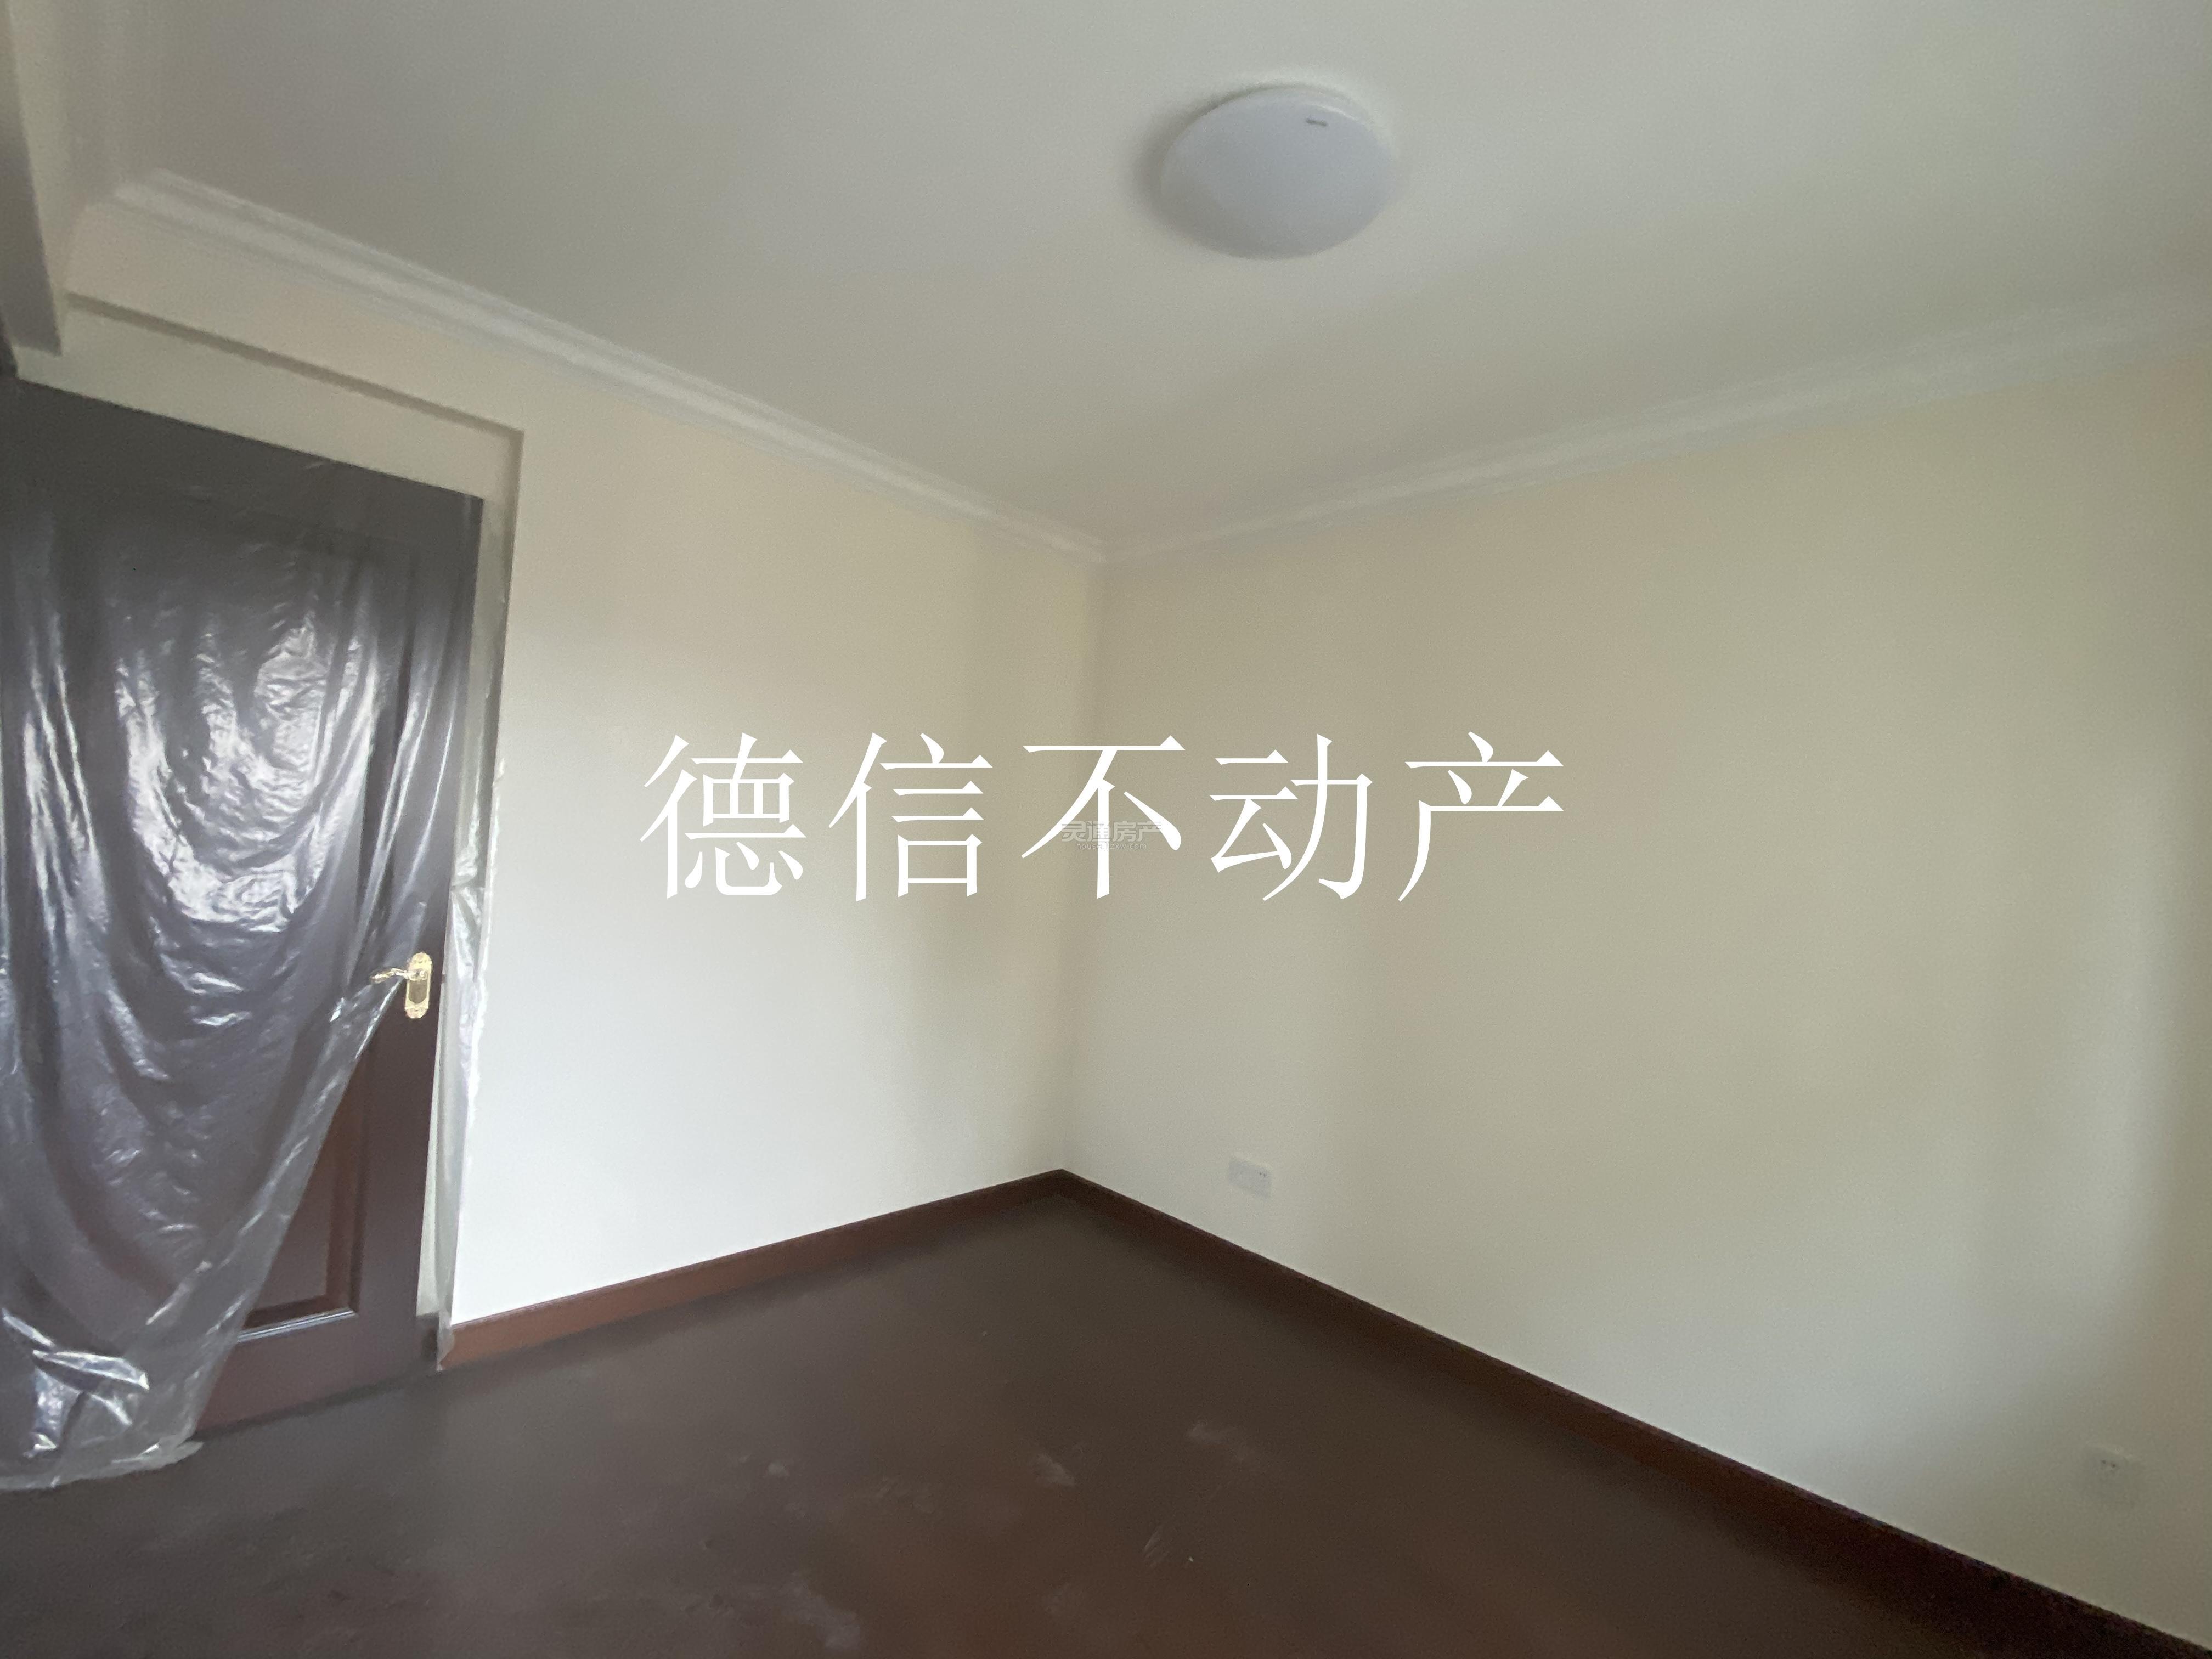 恒大绿洲 空房空房 147平 三室两厅 恒大交房标准 适合办公